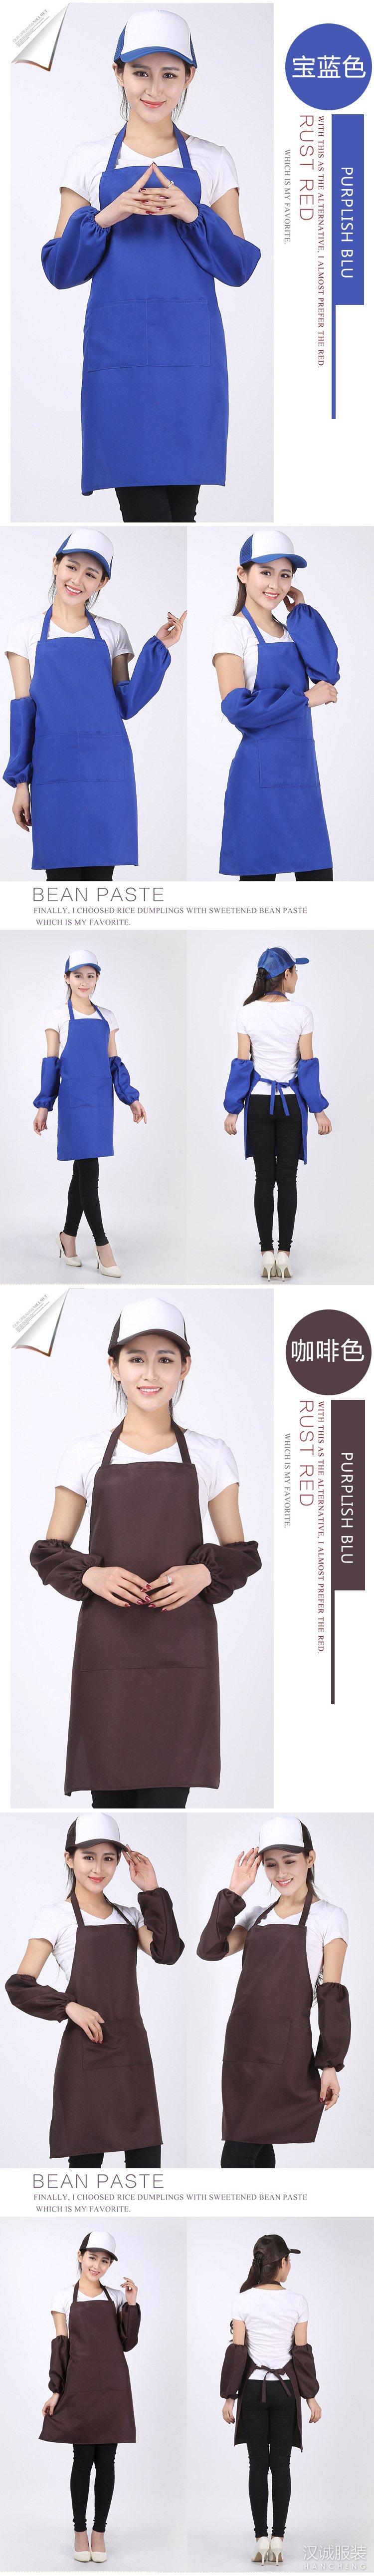 时尚纯棉美甲工作服围裙定做-颜色图2